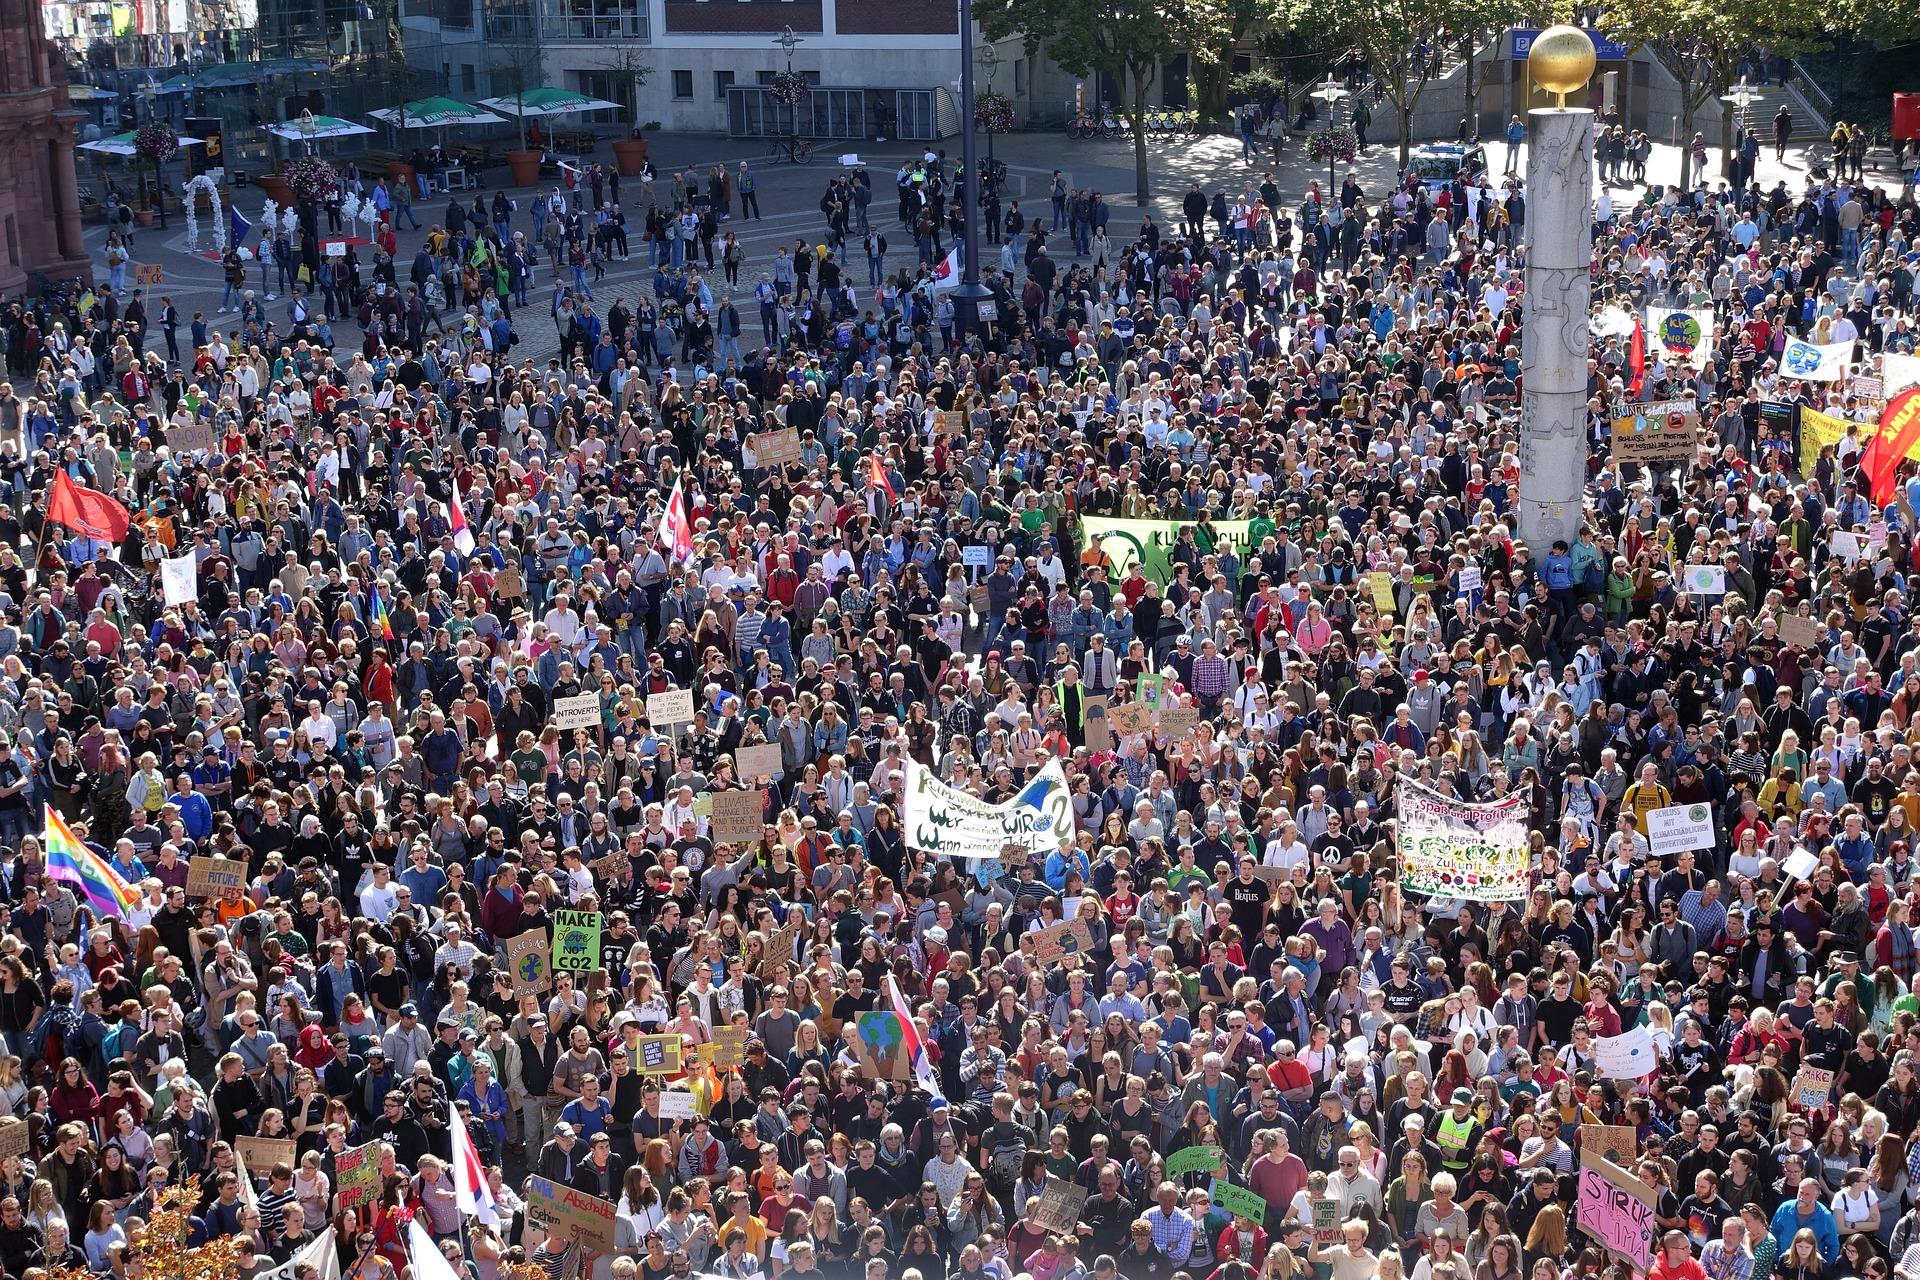 L'Italia protesta